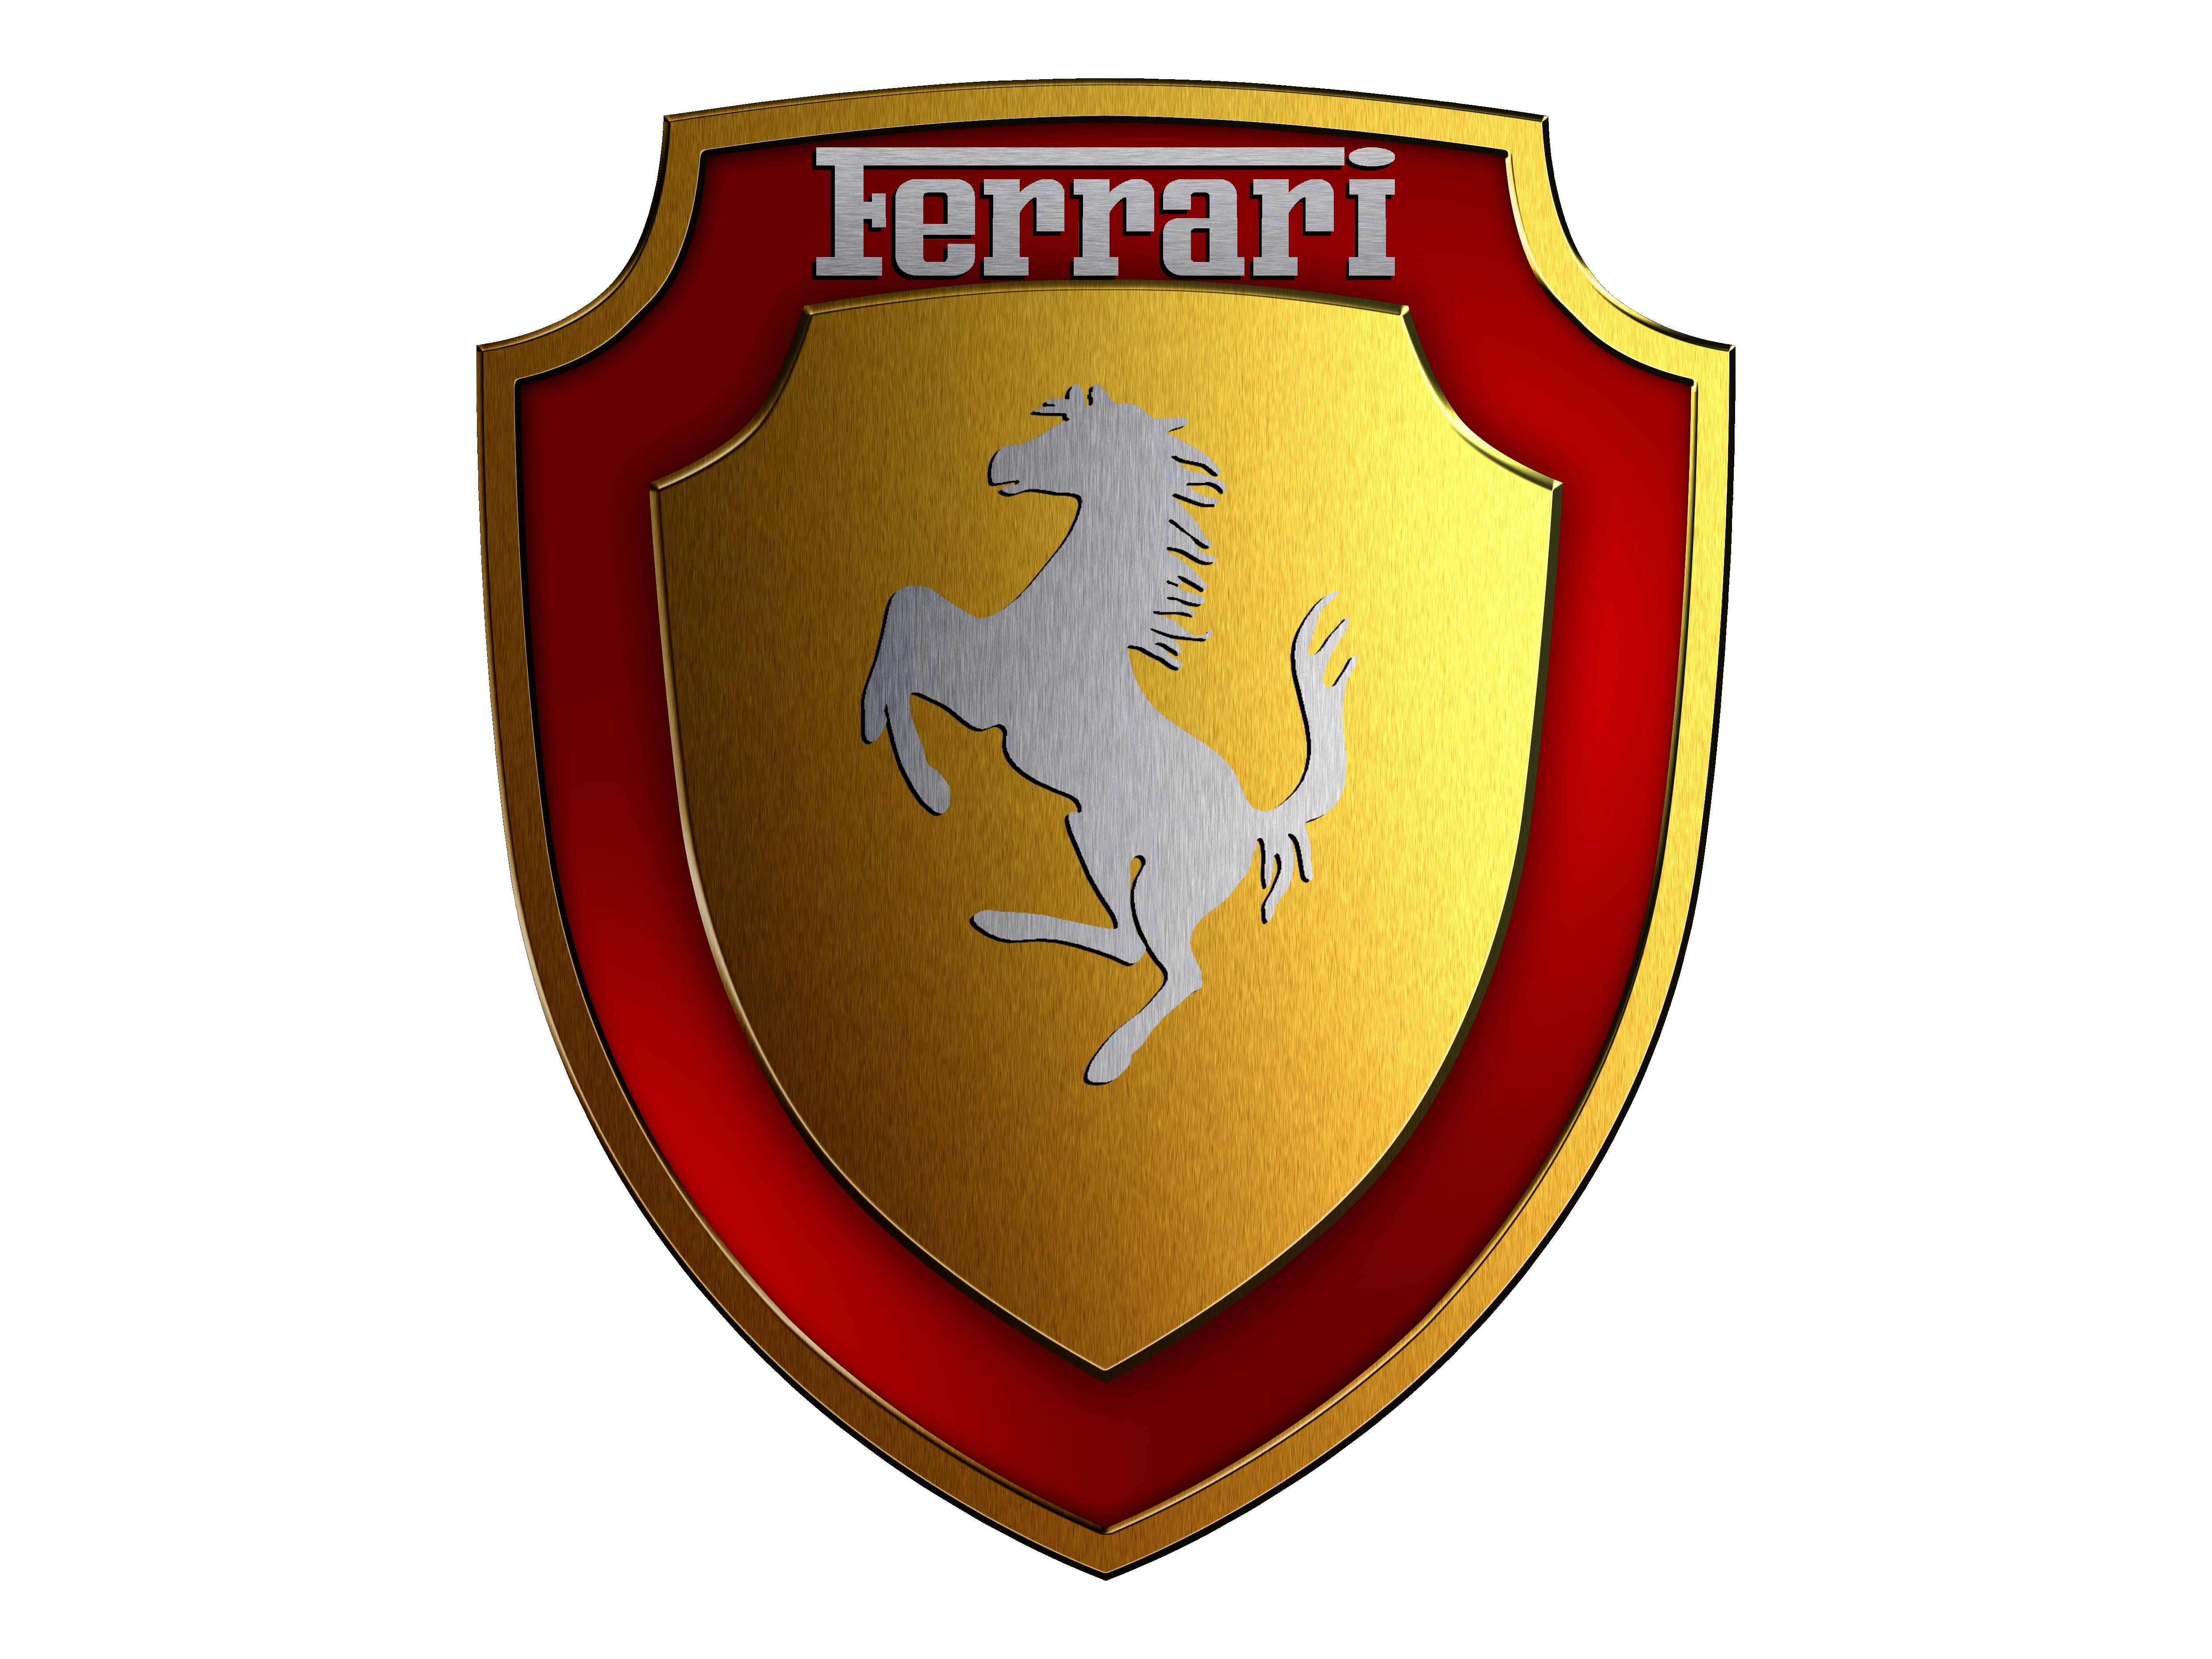 Ferrari By Swedishroyalguard On Deviantart